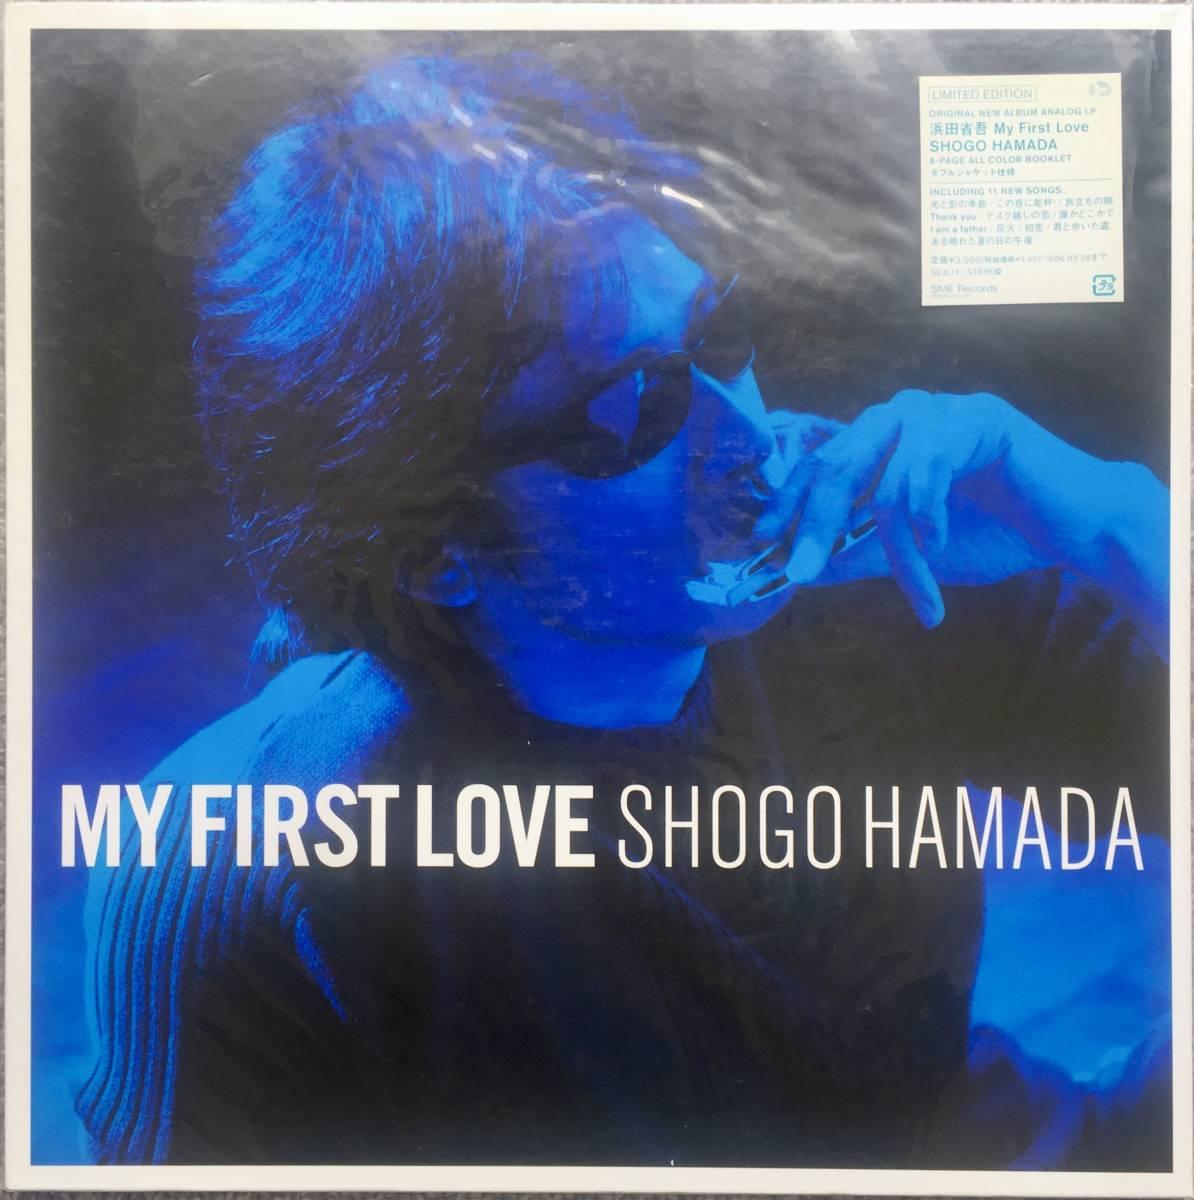 極美盤 シール帯付き 浜田省吾 - MY FIRST LOVE ブックレット完備 限定盤 HAMADA SYOGO CITY POP LIGHT MELLOW 和モノ アナログレコード LP_画像1